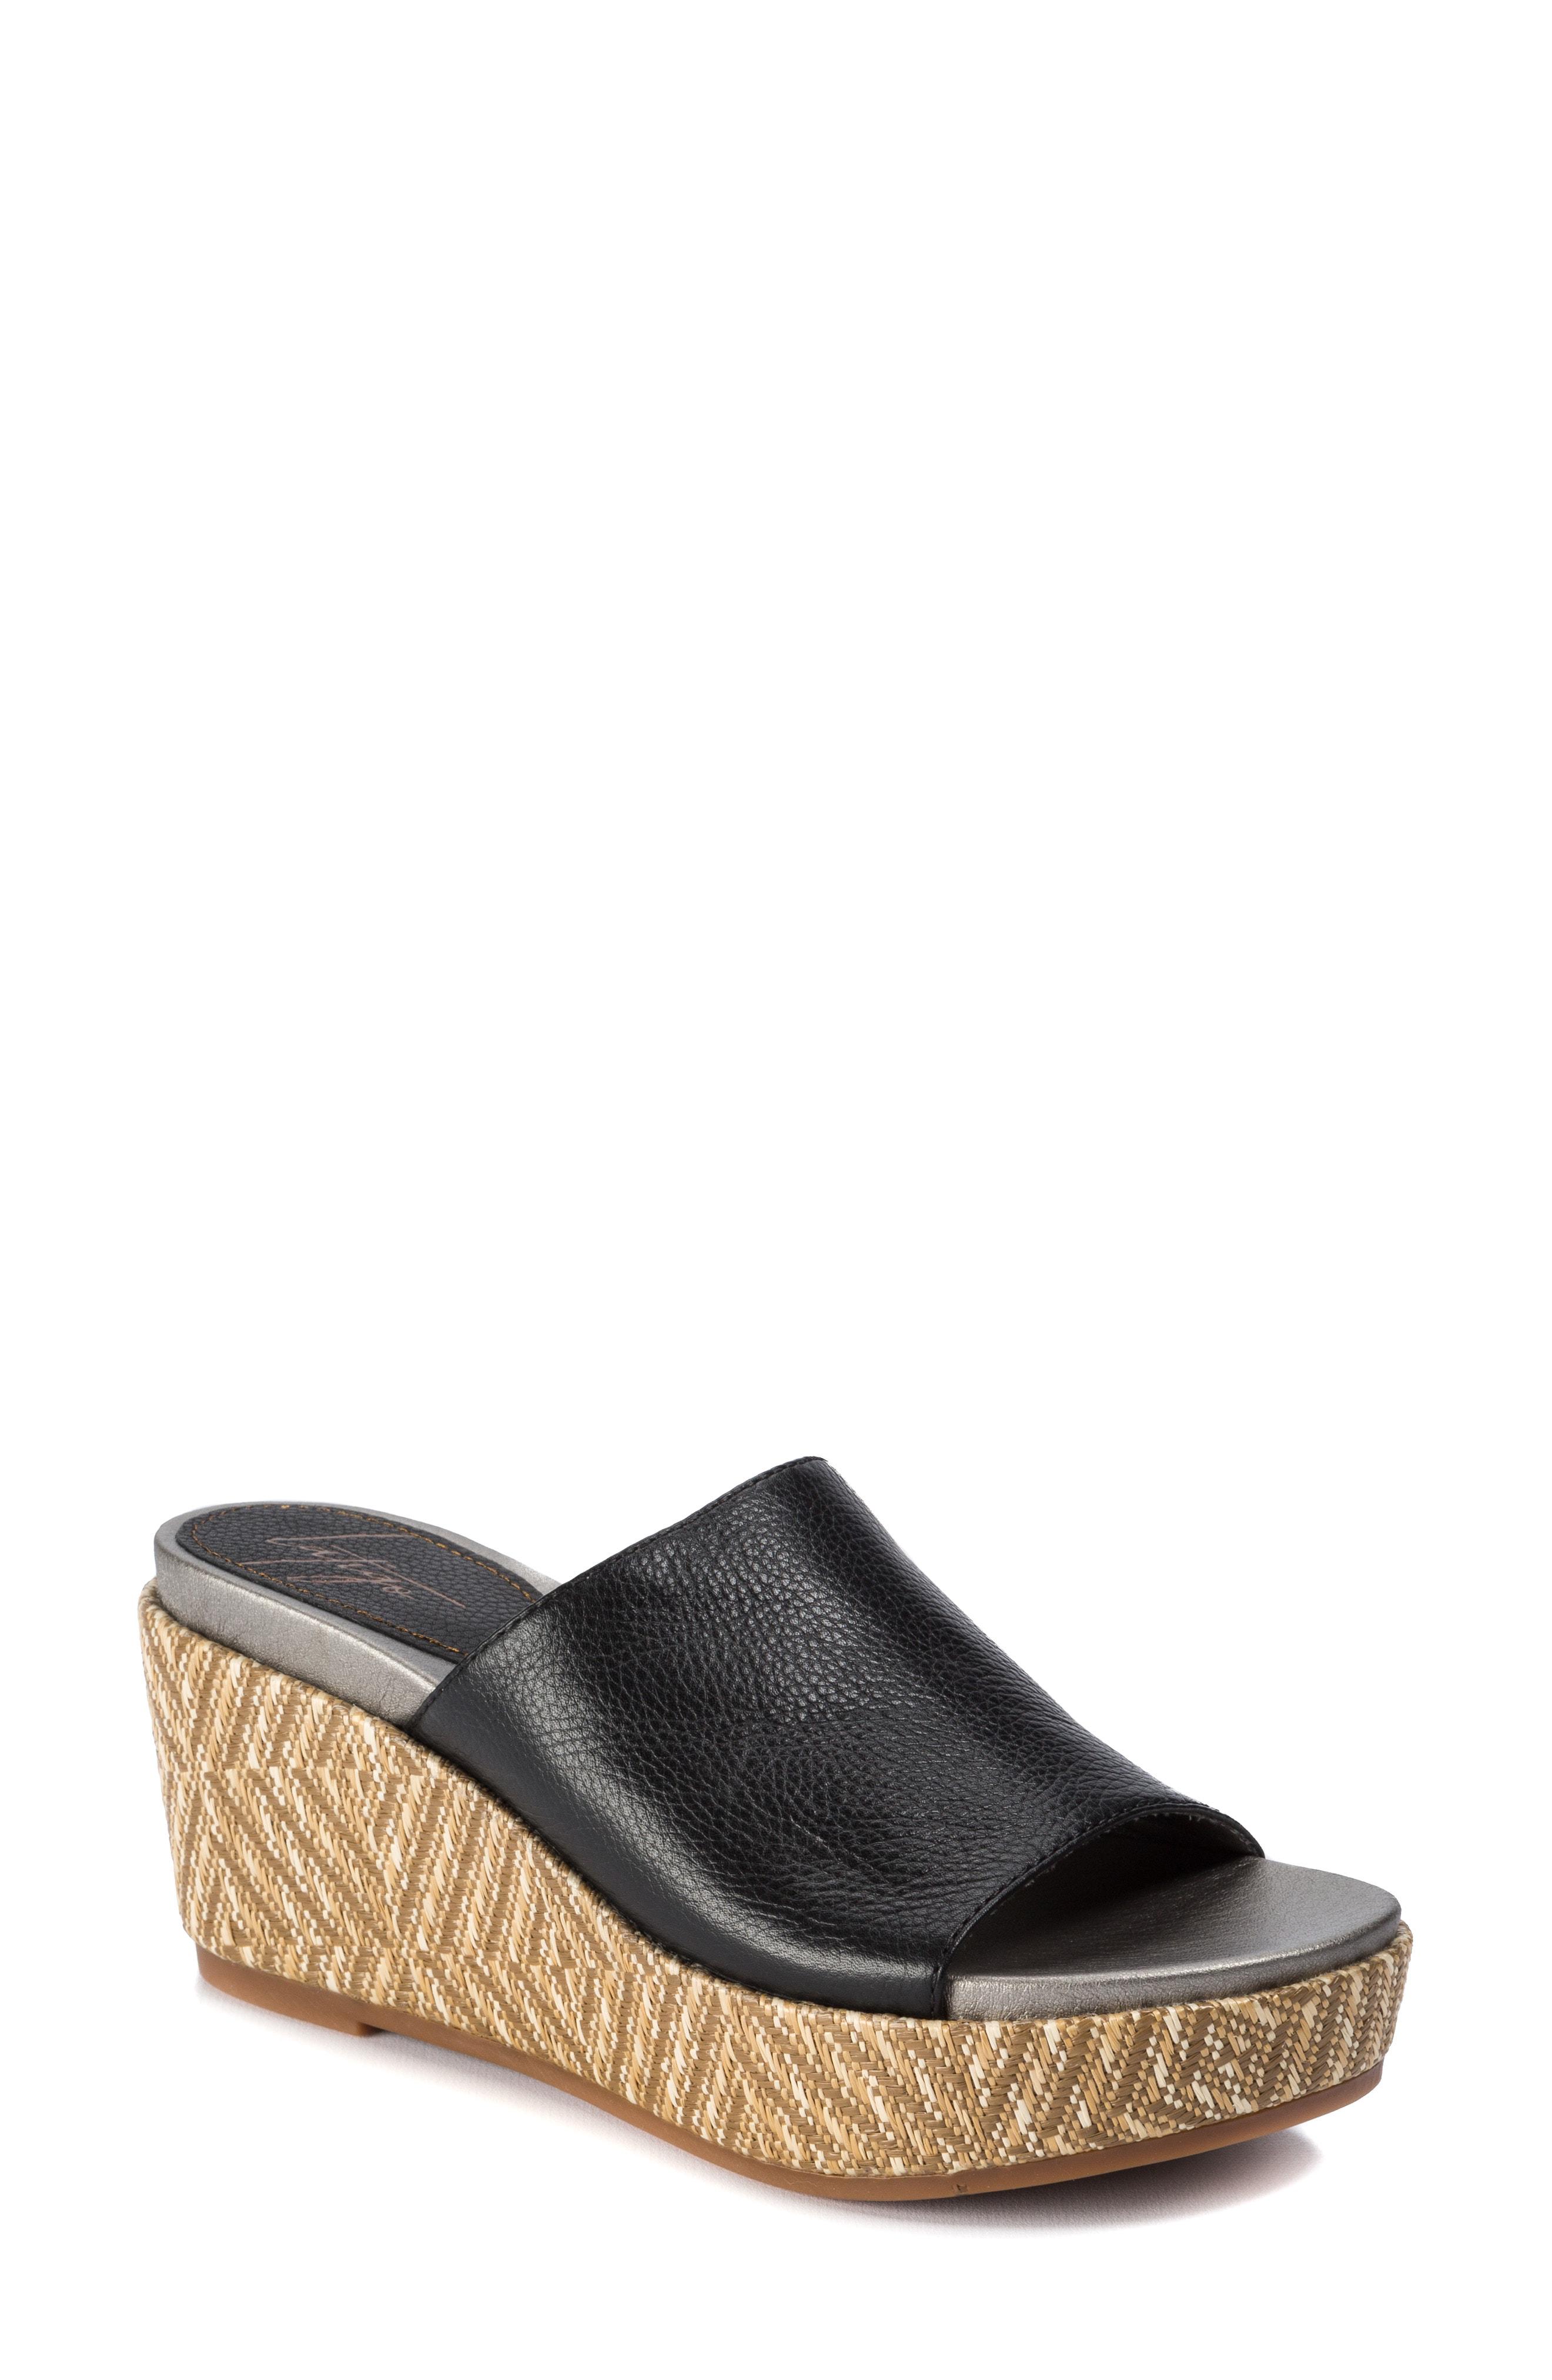 7c8bdc3d2f1 Latigo Letitia Wedge Slide Sandal In Black